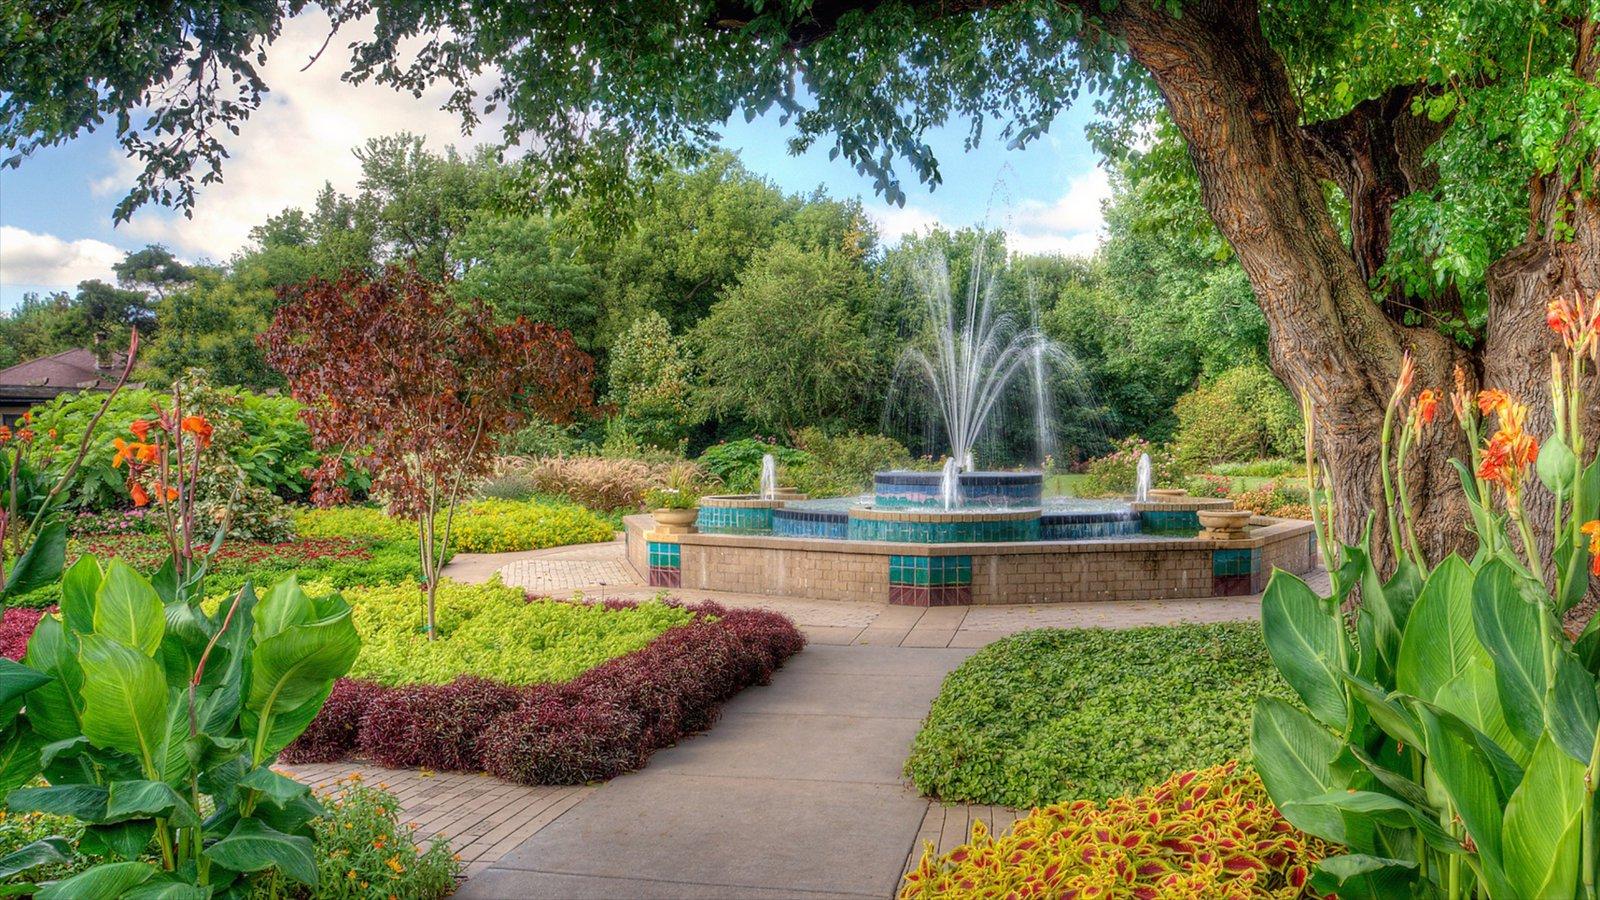 Wichita caracterizando uma fonte e um parque